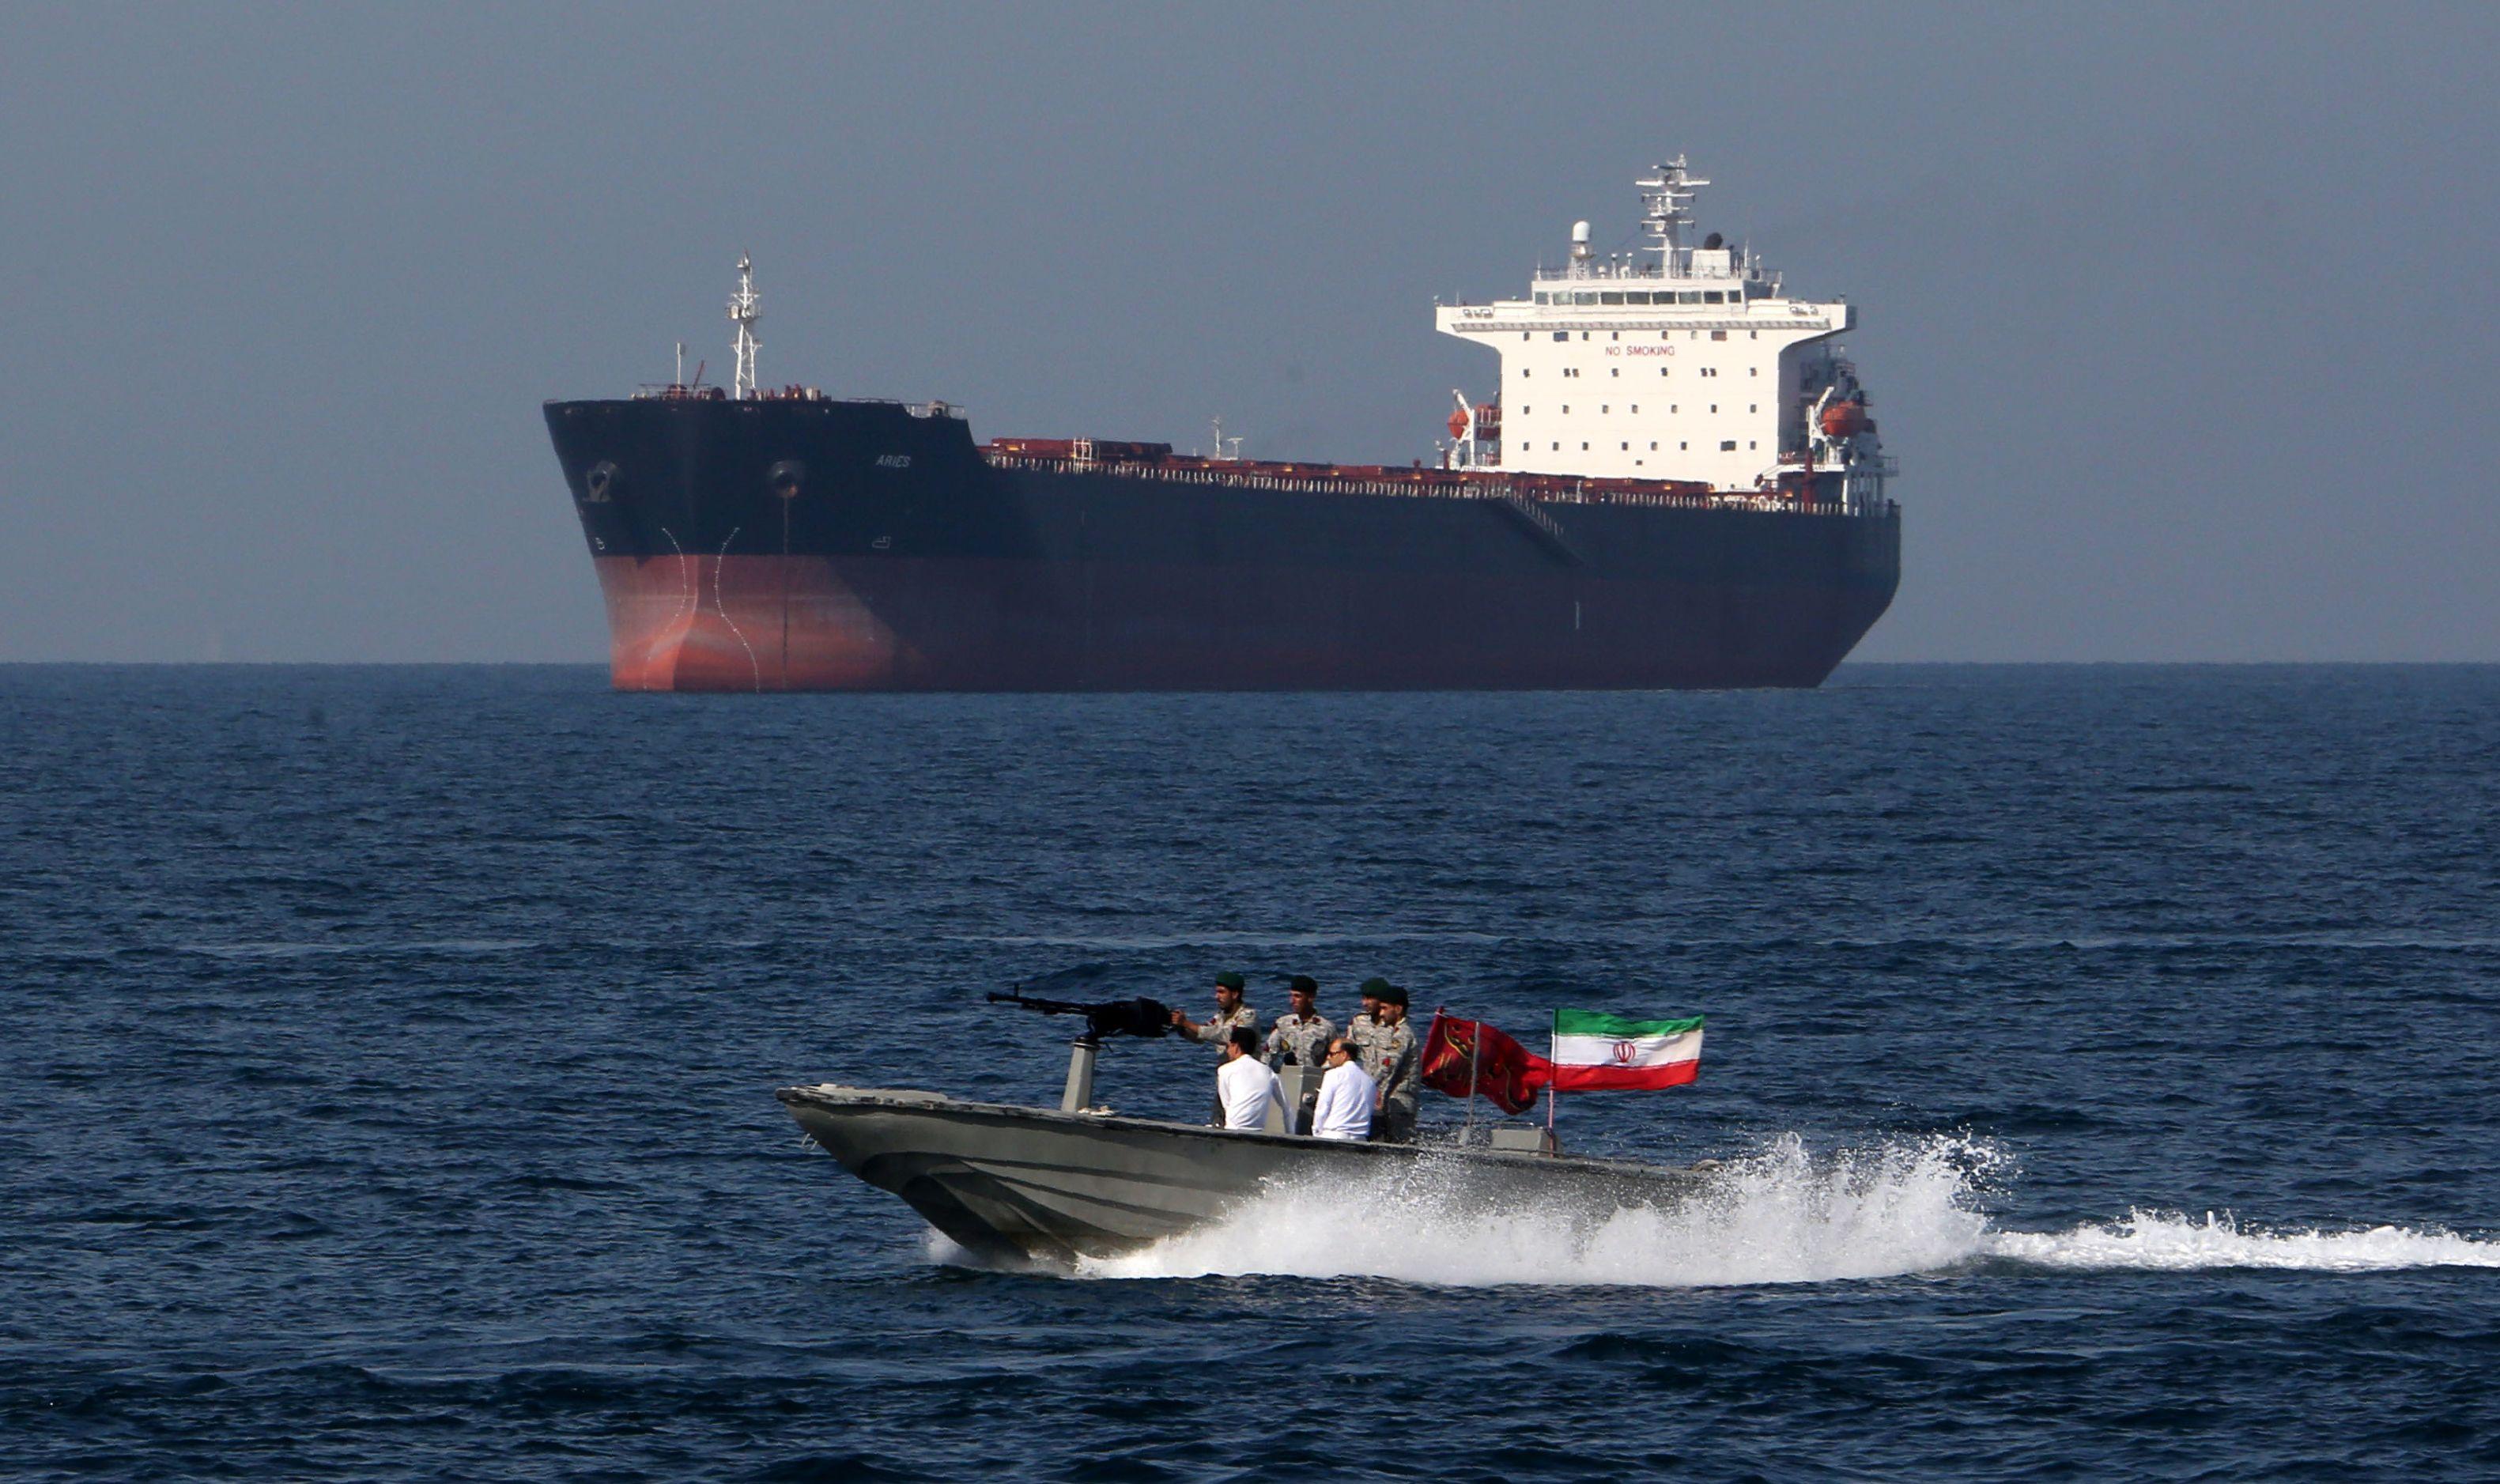 विश्व बजारमा तेलको मुल्य बढ्ने संकेत-बेलायतले आफ्नो ईन्धन ट्यांकर नियन्त्रणमा लिएपछि ईरानद्धारा त्यस्तै प्रयास